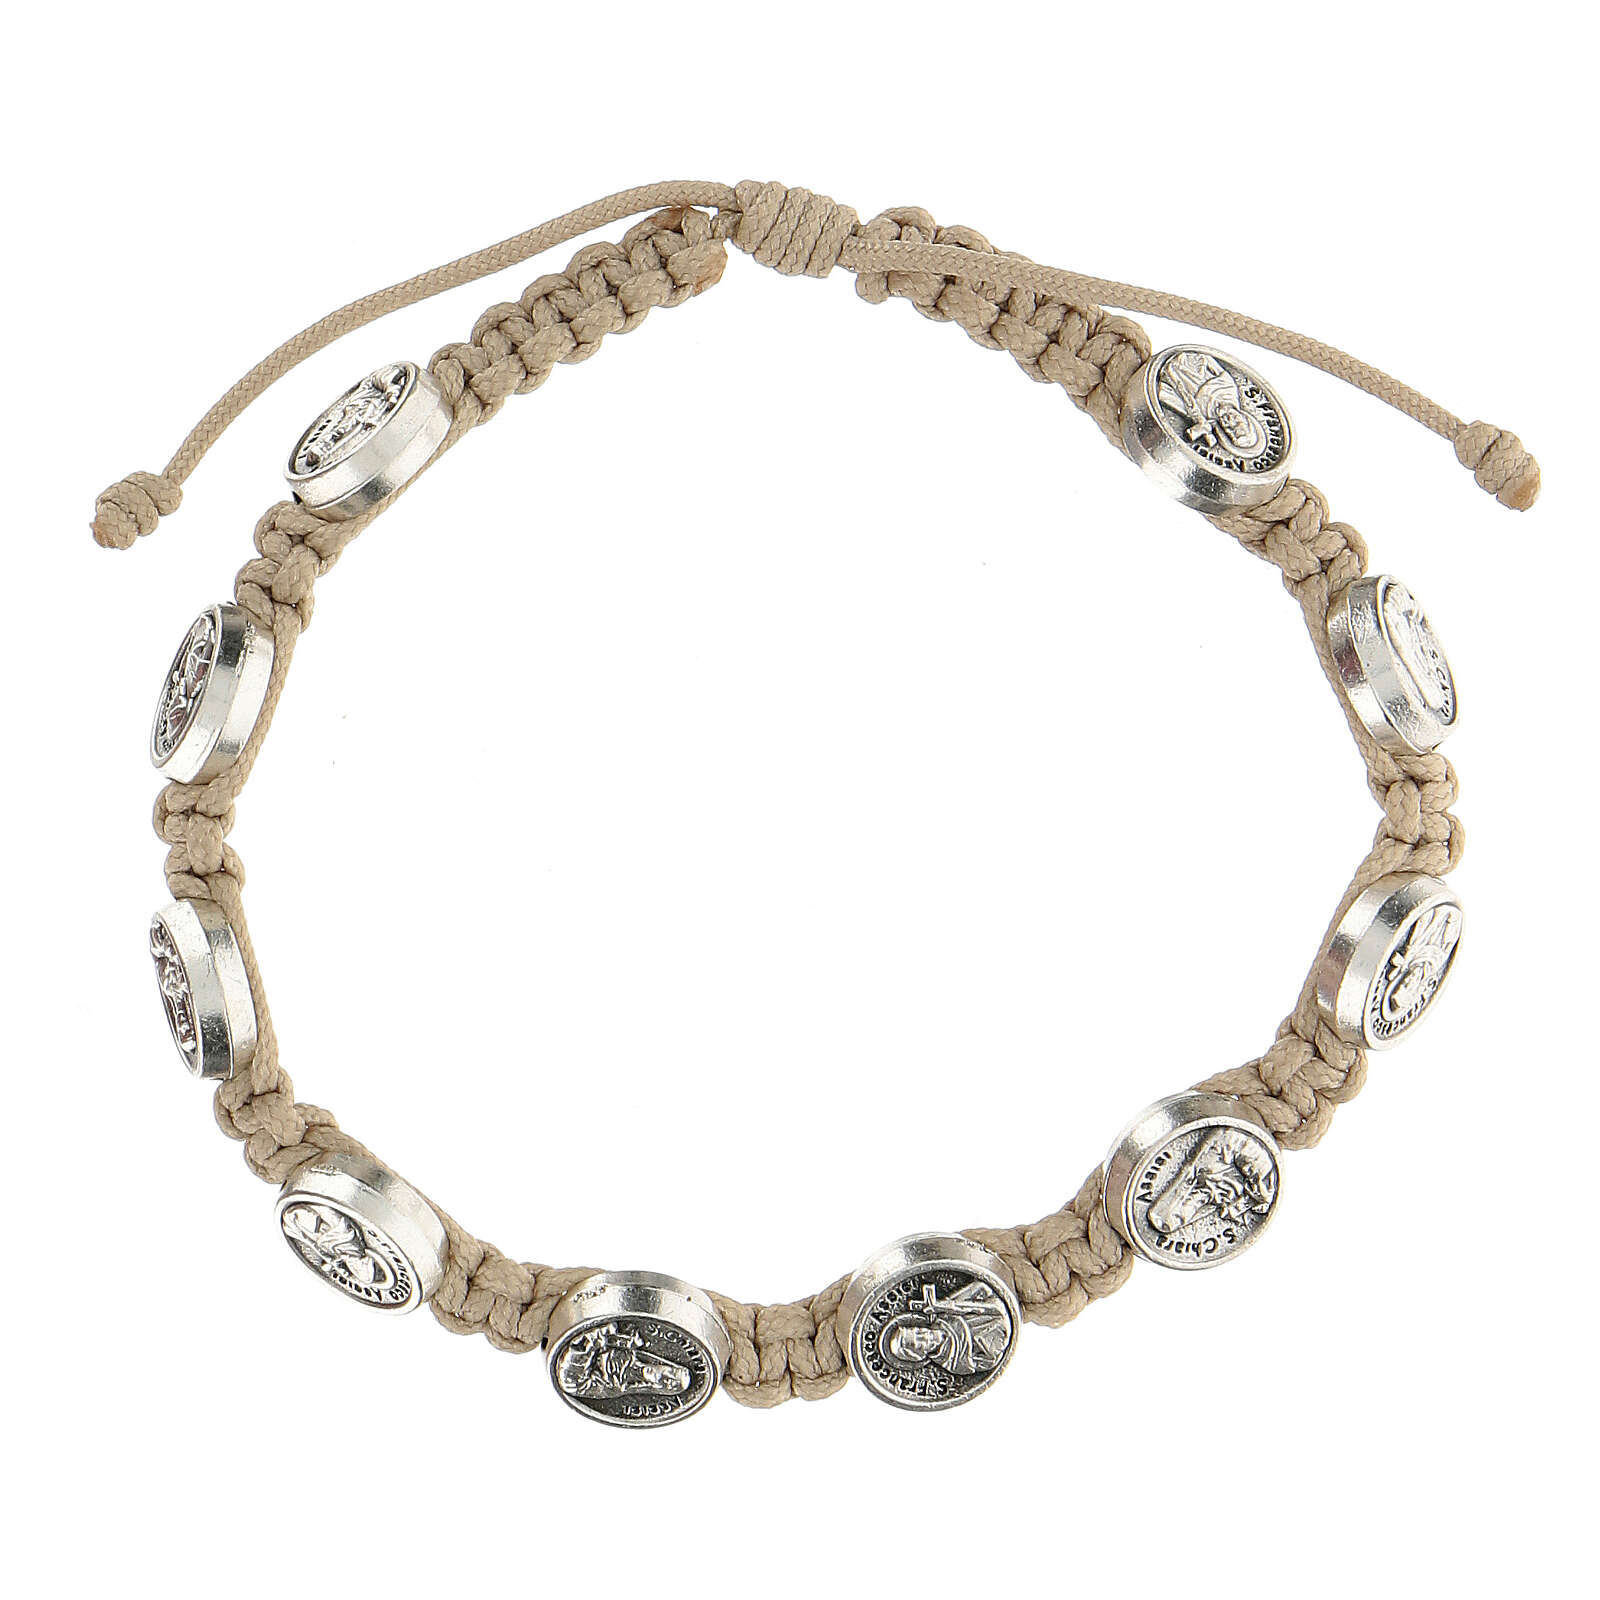 Bracelet Medjugorje medals turtledove rope medals 4